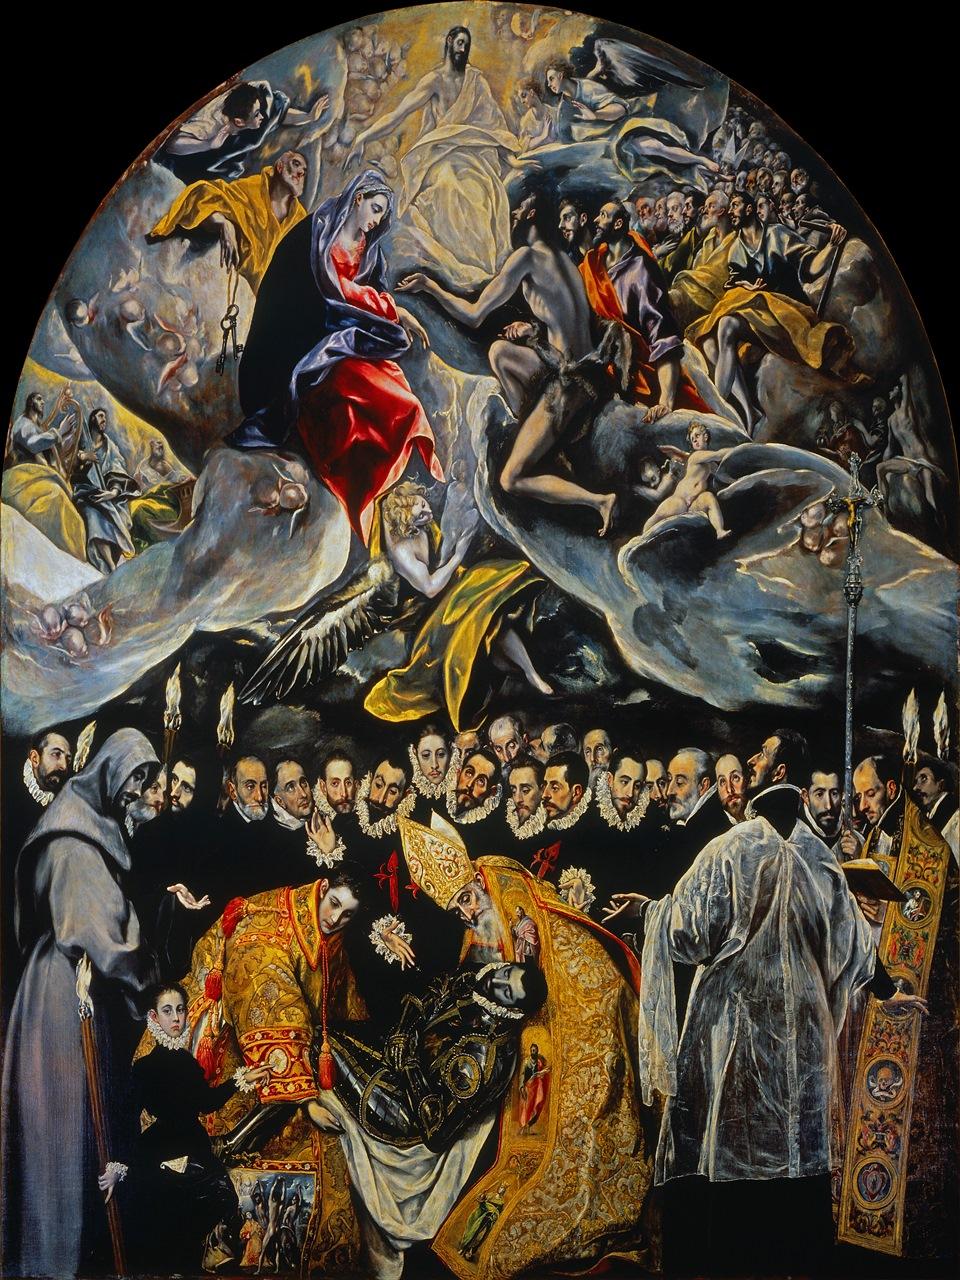 El entierro del señor de Orgaz. Iglesia de Santo Tomé, Toledo